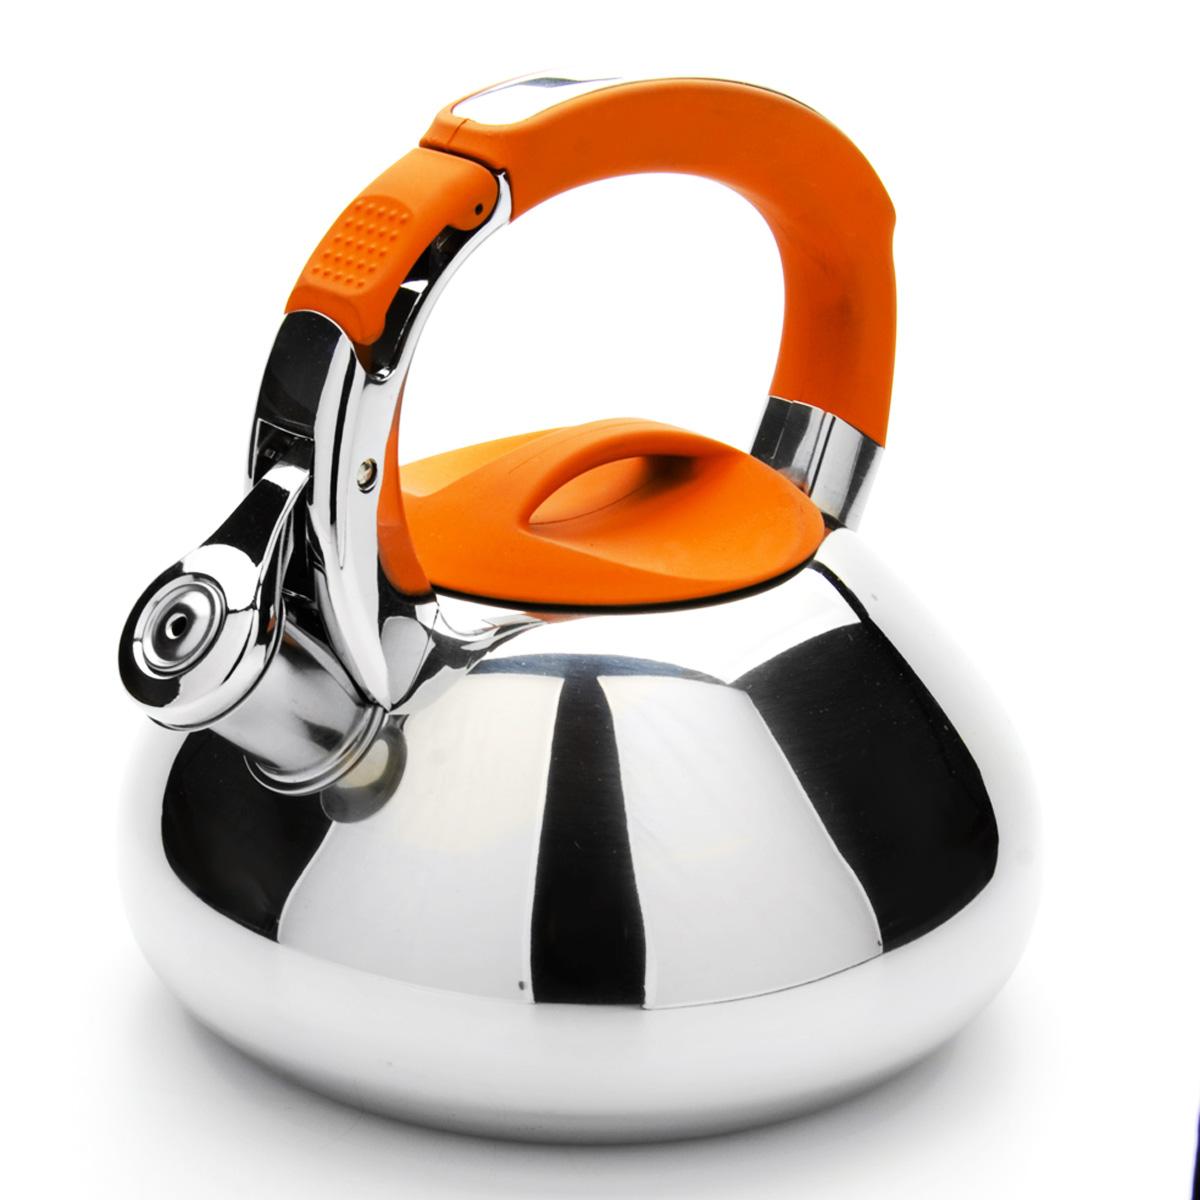 Чайник Mayer & Boch со свистком, цвет: оранжевый, 2,9 л. 2359223592Чайник Mayer & Boch выполнен из высококачественной нержавеющей стали, что обеспечивает долговечность использования. Внешнее зеркальное покрытие придает приятный внешний вид. Фиксированная ручка из нейлона делает использование чайника очень удобным и безопасным. Чайник снабжен свистком и устройством для открывания носика, которое находится на ручке. Можно мыть в посудомоечной машине. Пригоден для всех видов плит, включая индукционные. Высота чайника (без учета крышки и ручки): 10 см. Диаметр основания: 16,5 см.